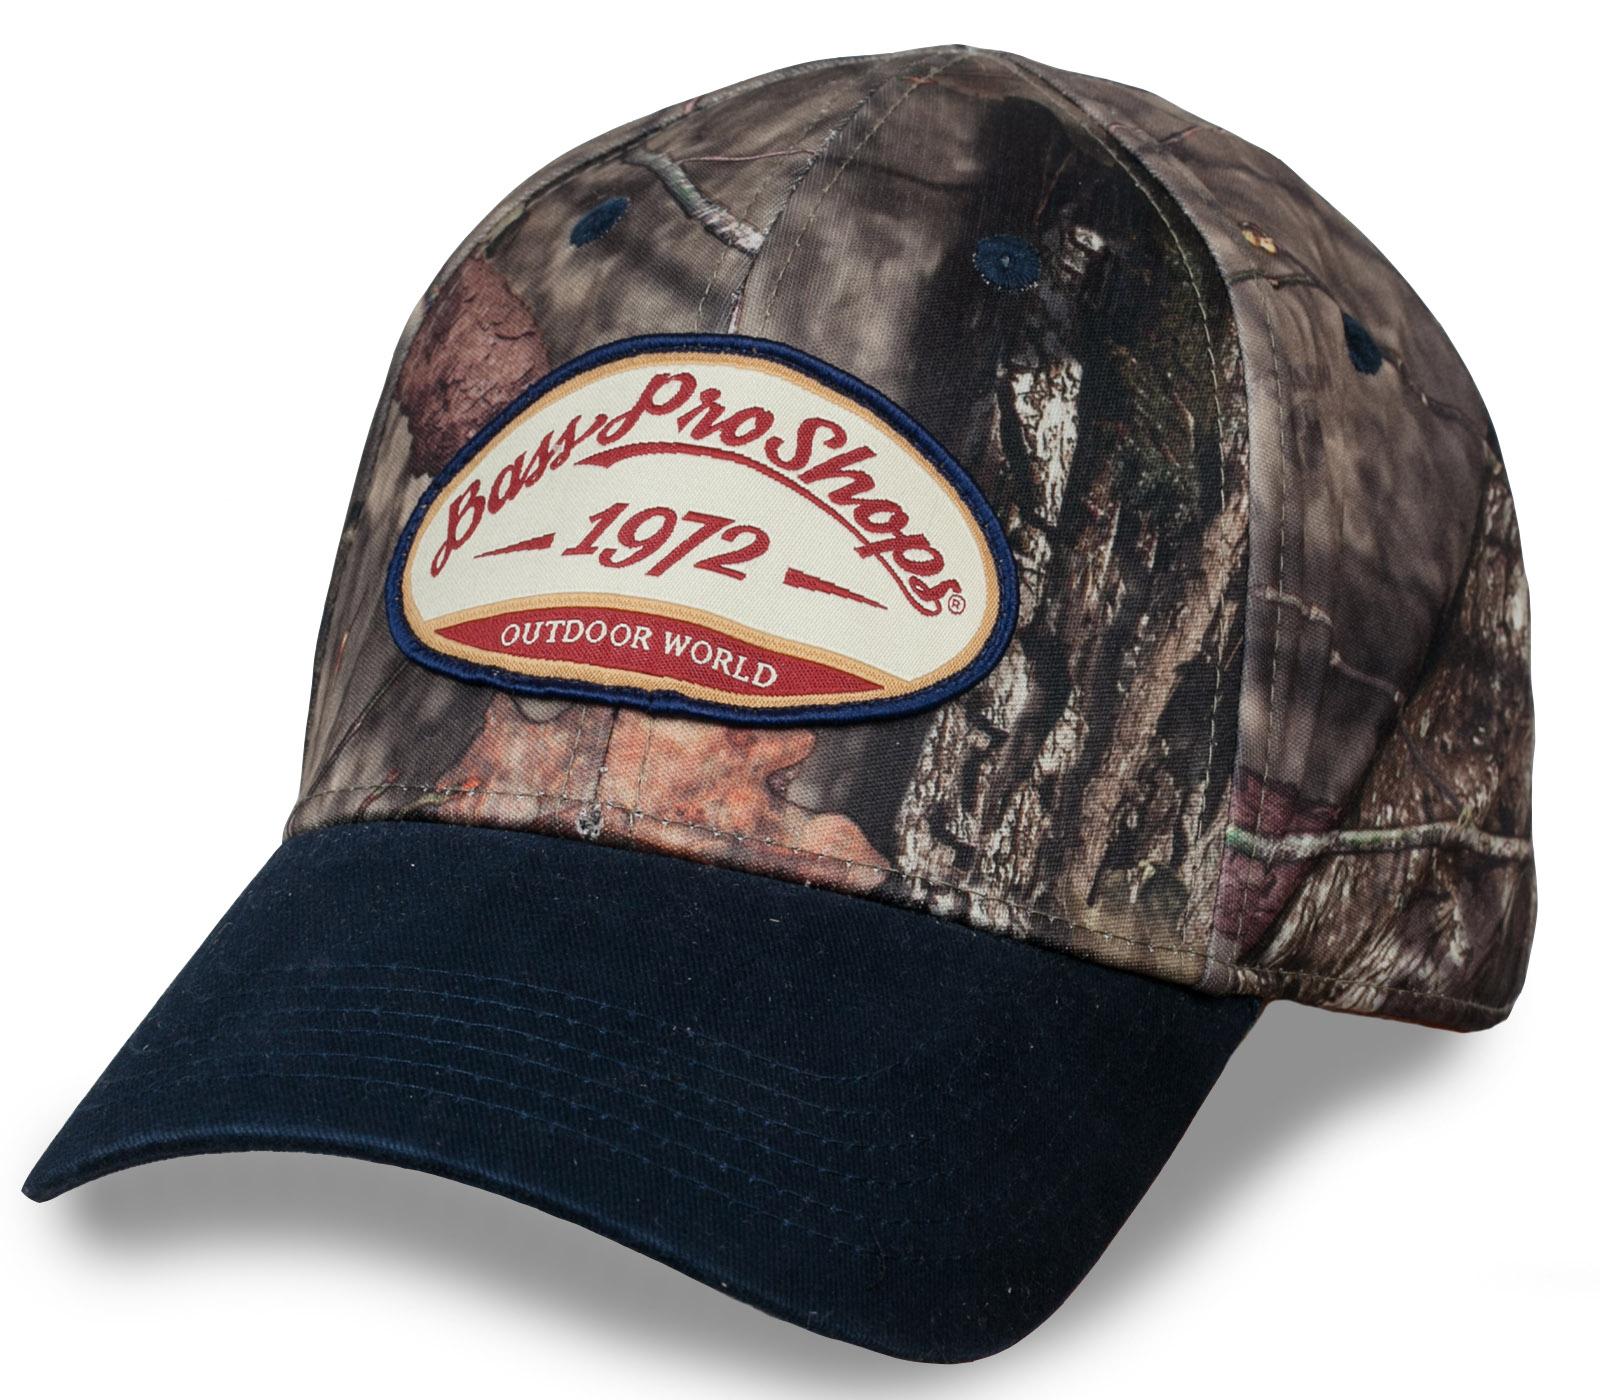 Бейсболка от известного рыболовного бренда из США Bass Pro Shops. Рыбаки профессионалы и любители - это точно для вас.